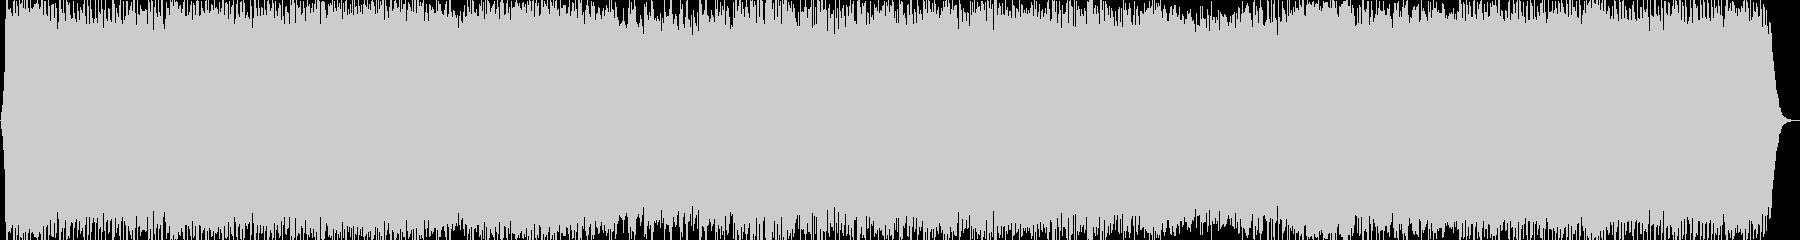 ダークファンタジーオーケストラ戦闘曲46の未再生の波形